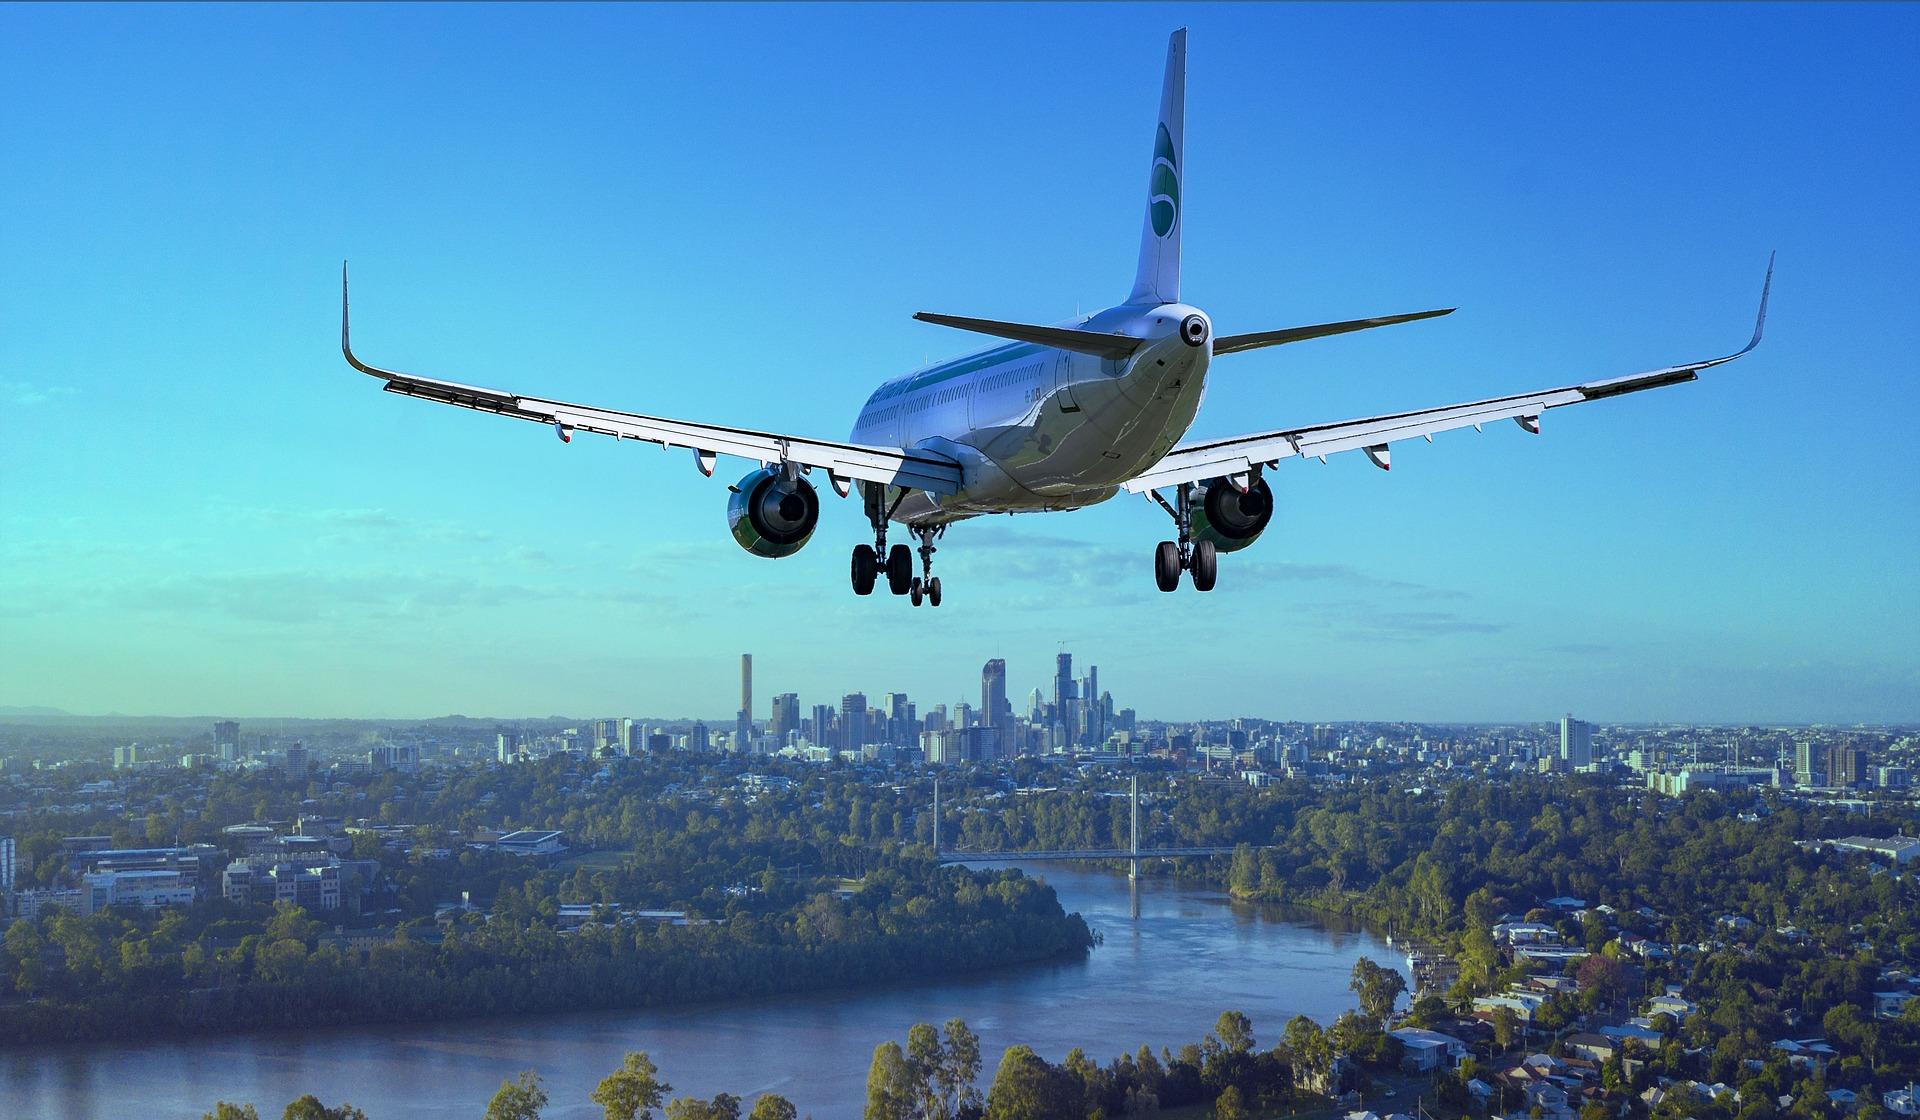 Voli low cost, come cambierà il modo di viaggiare